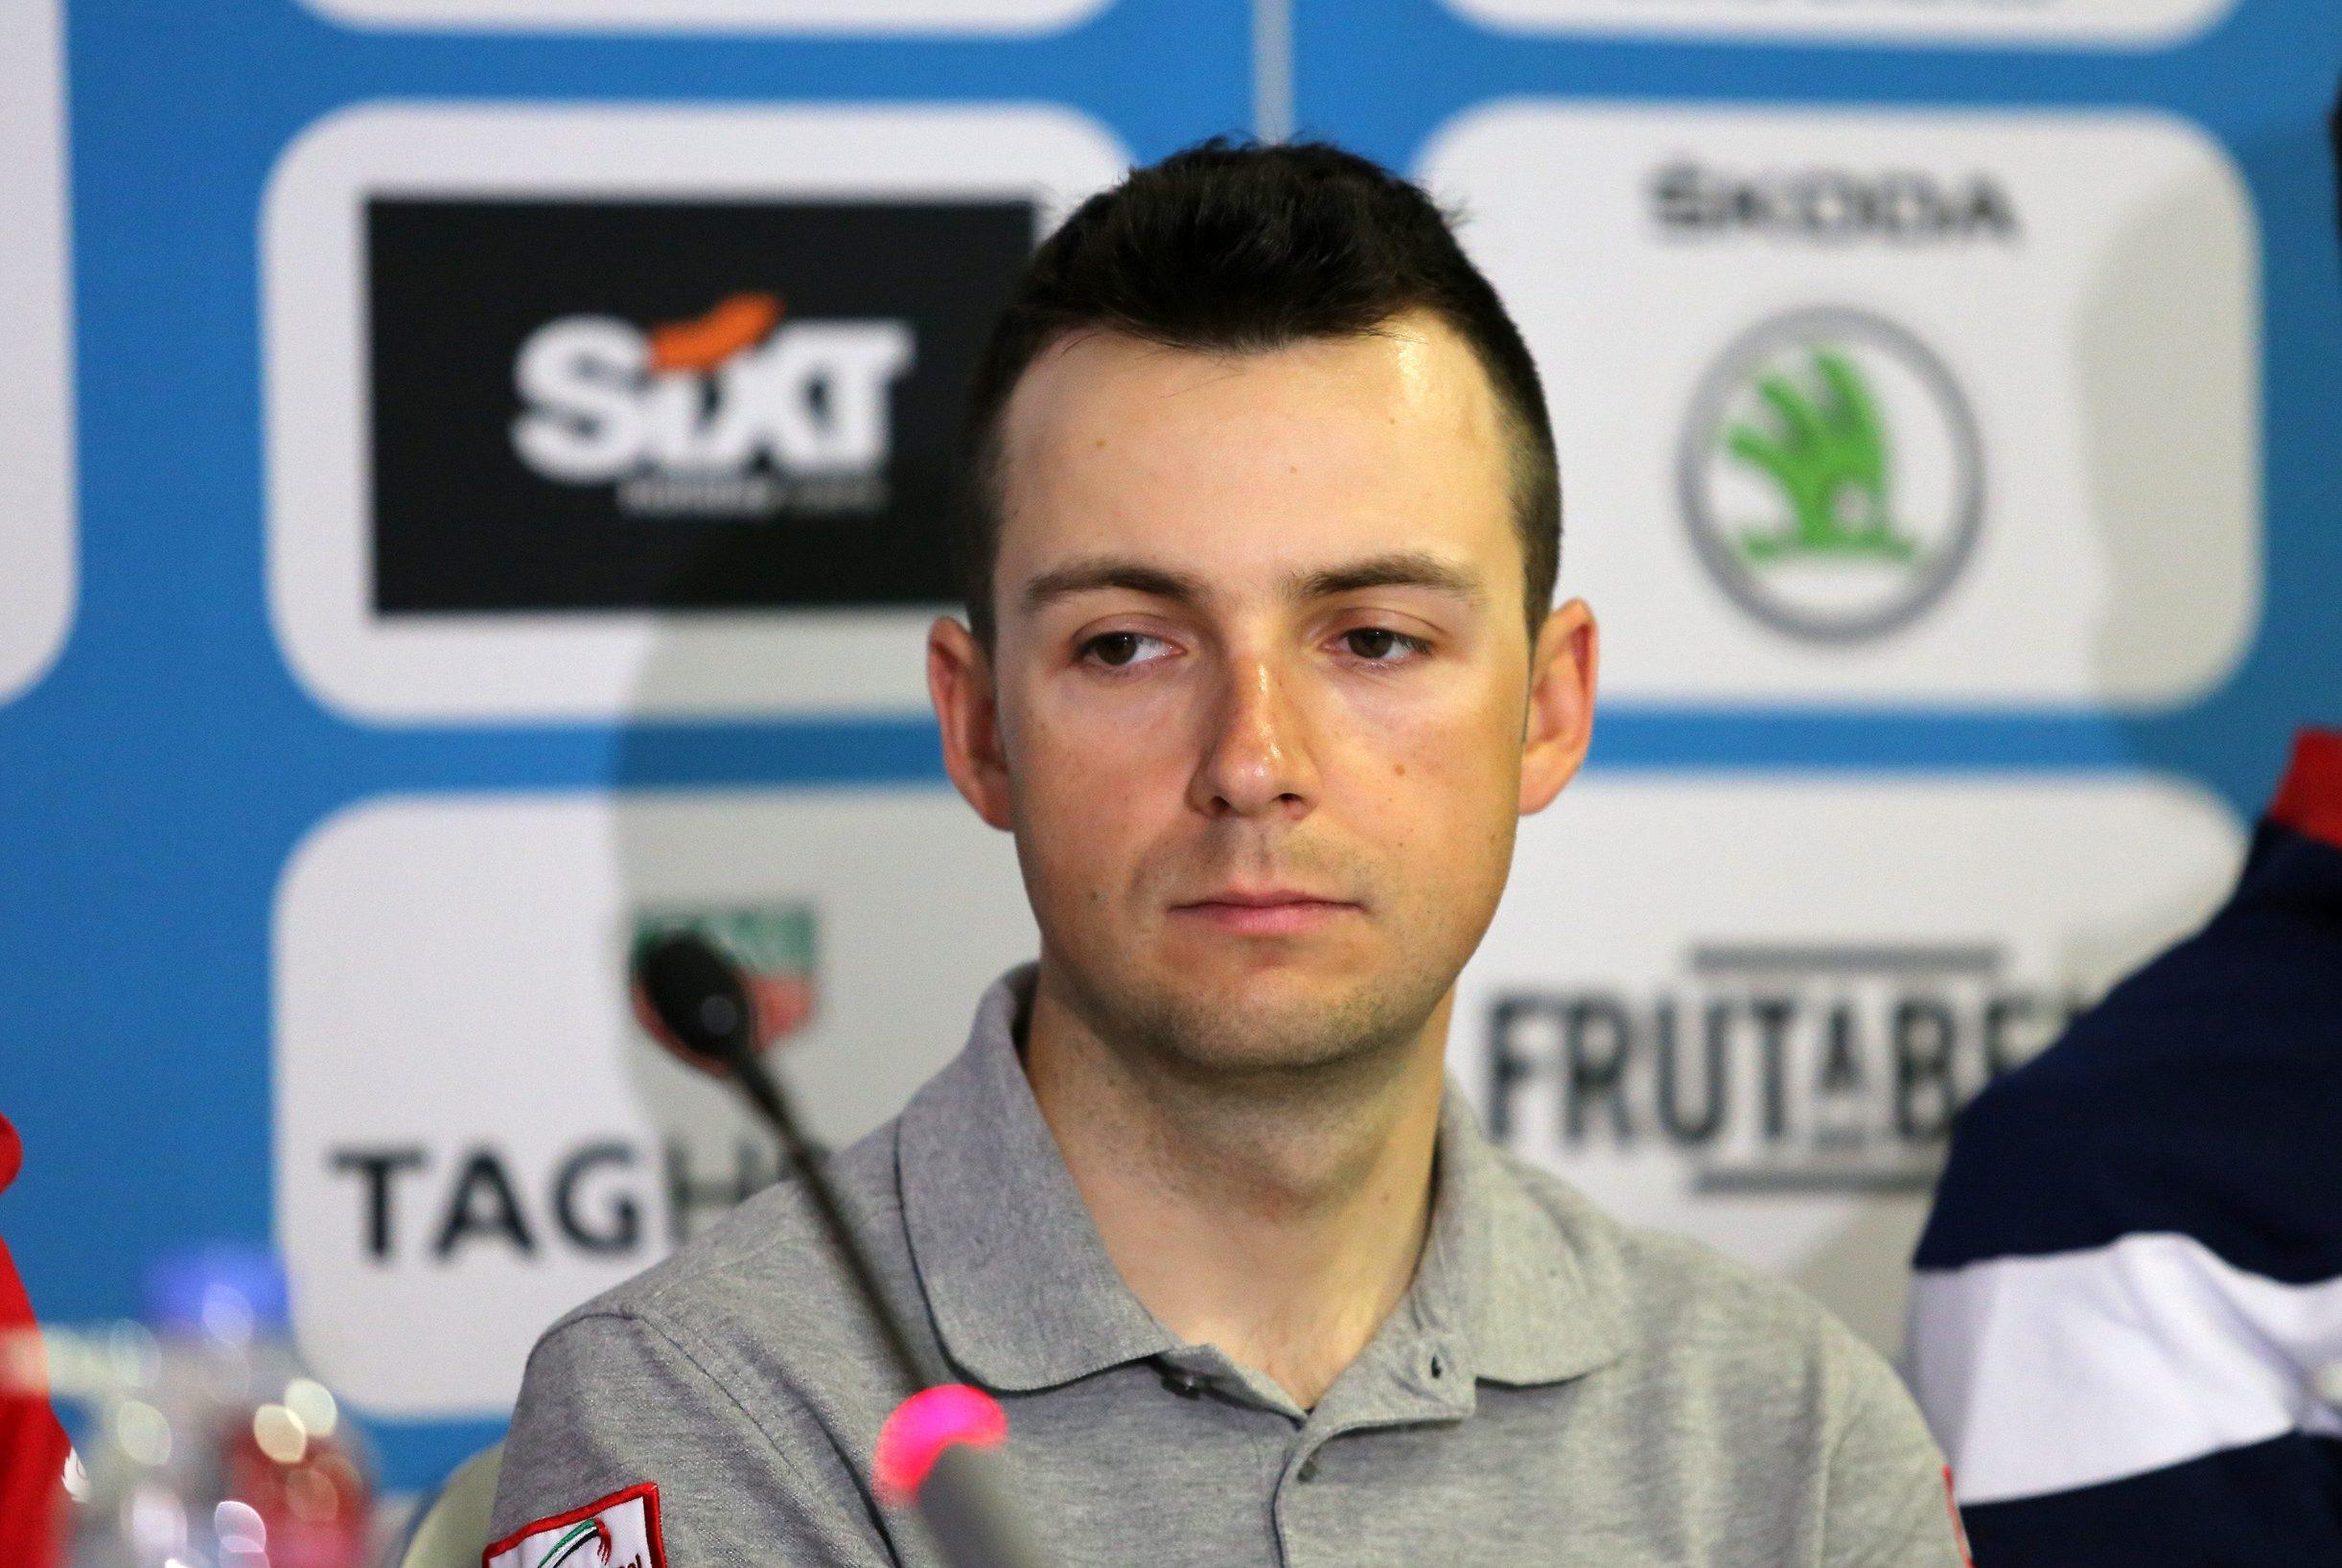 Kristijan Đurasek